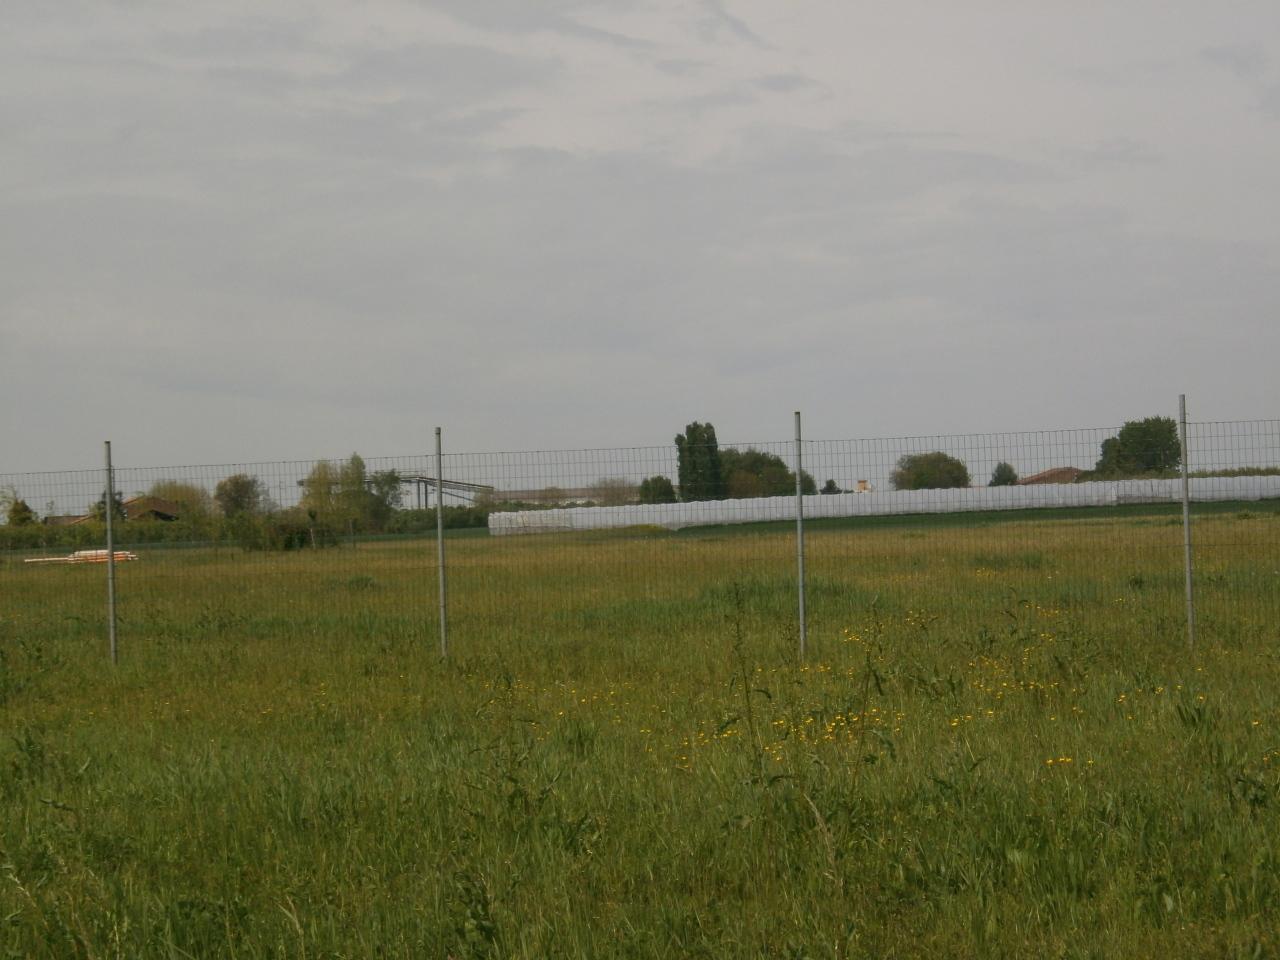 Terreno Agricolo in vendita a Orgiano, 1 locali, Trattative riservate   Cambio Casa.it